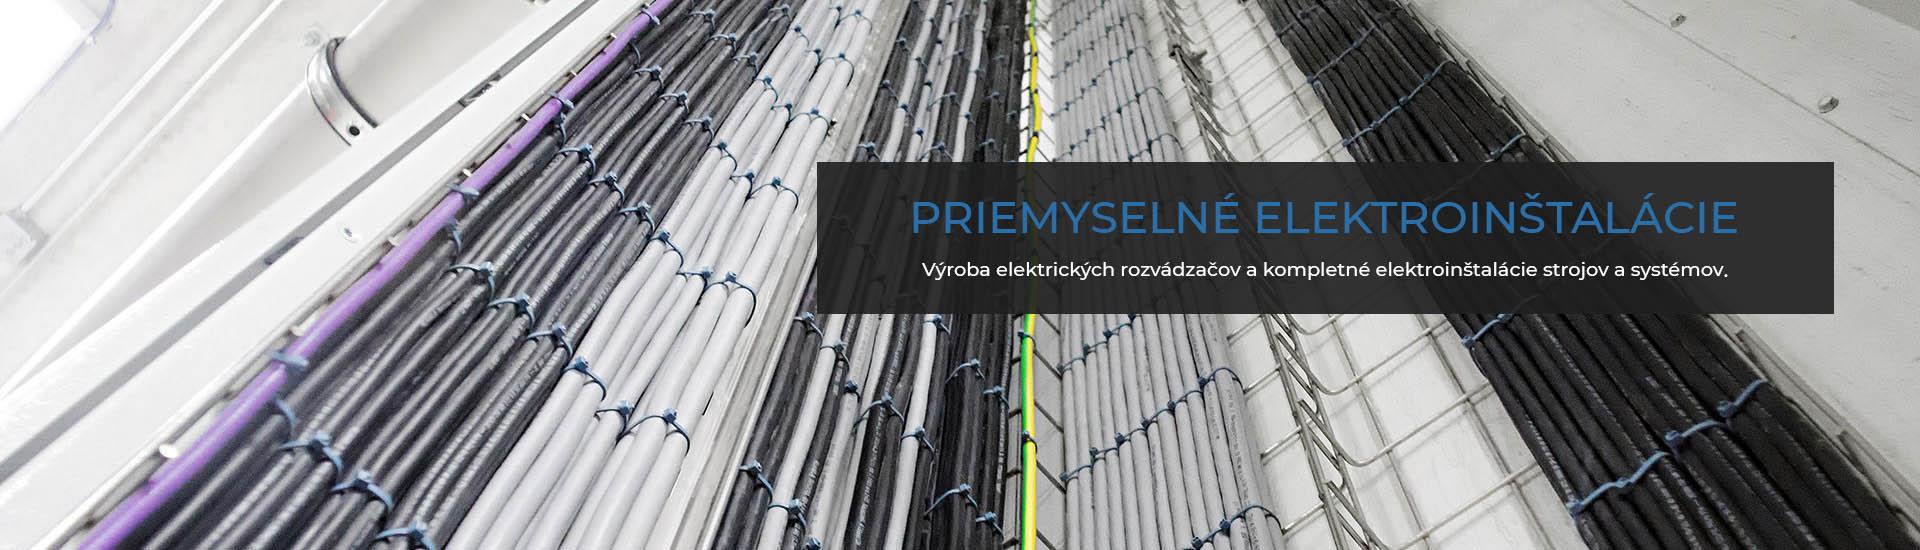 Priemyselné elektroinštalácie   Proindustry.sk